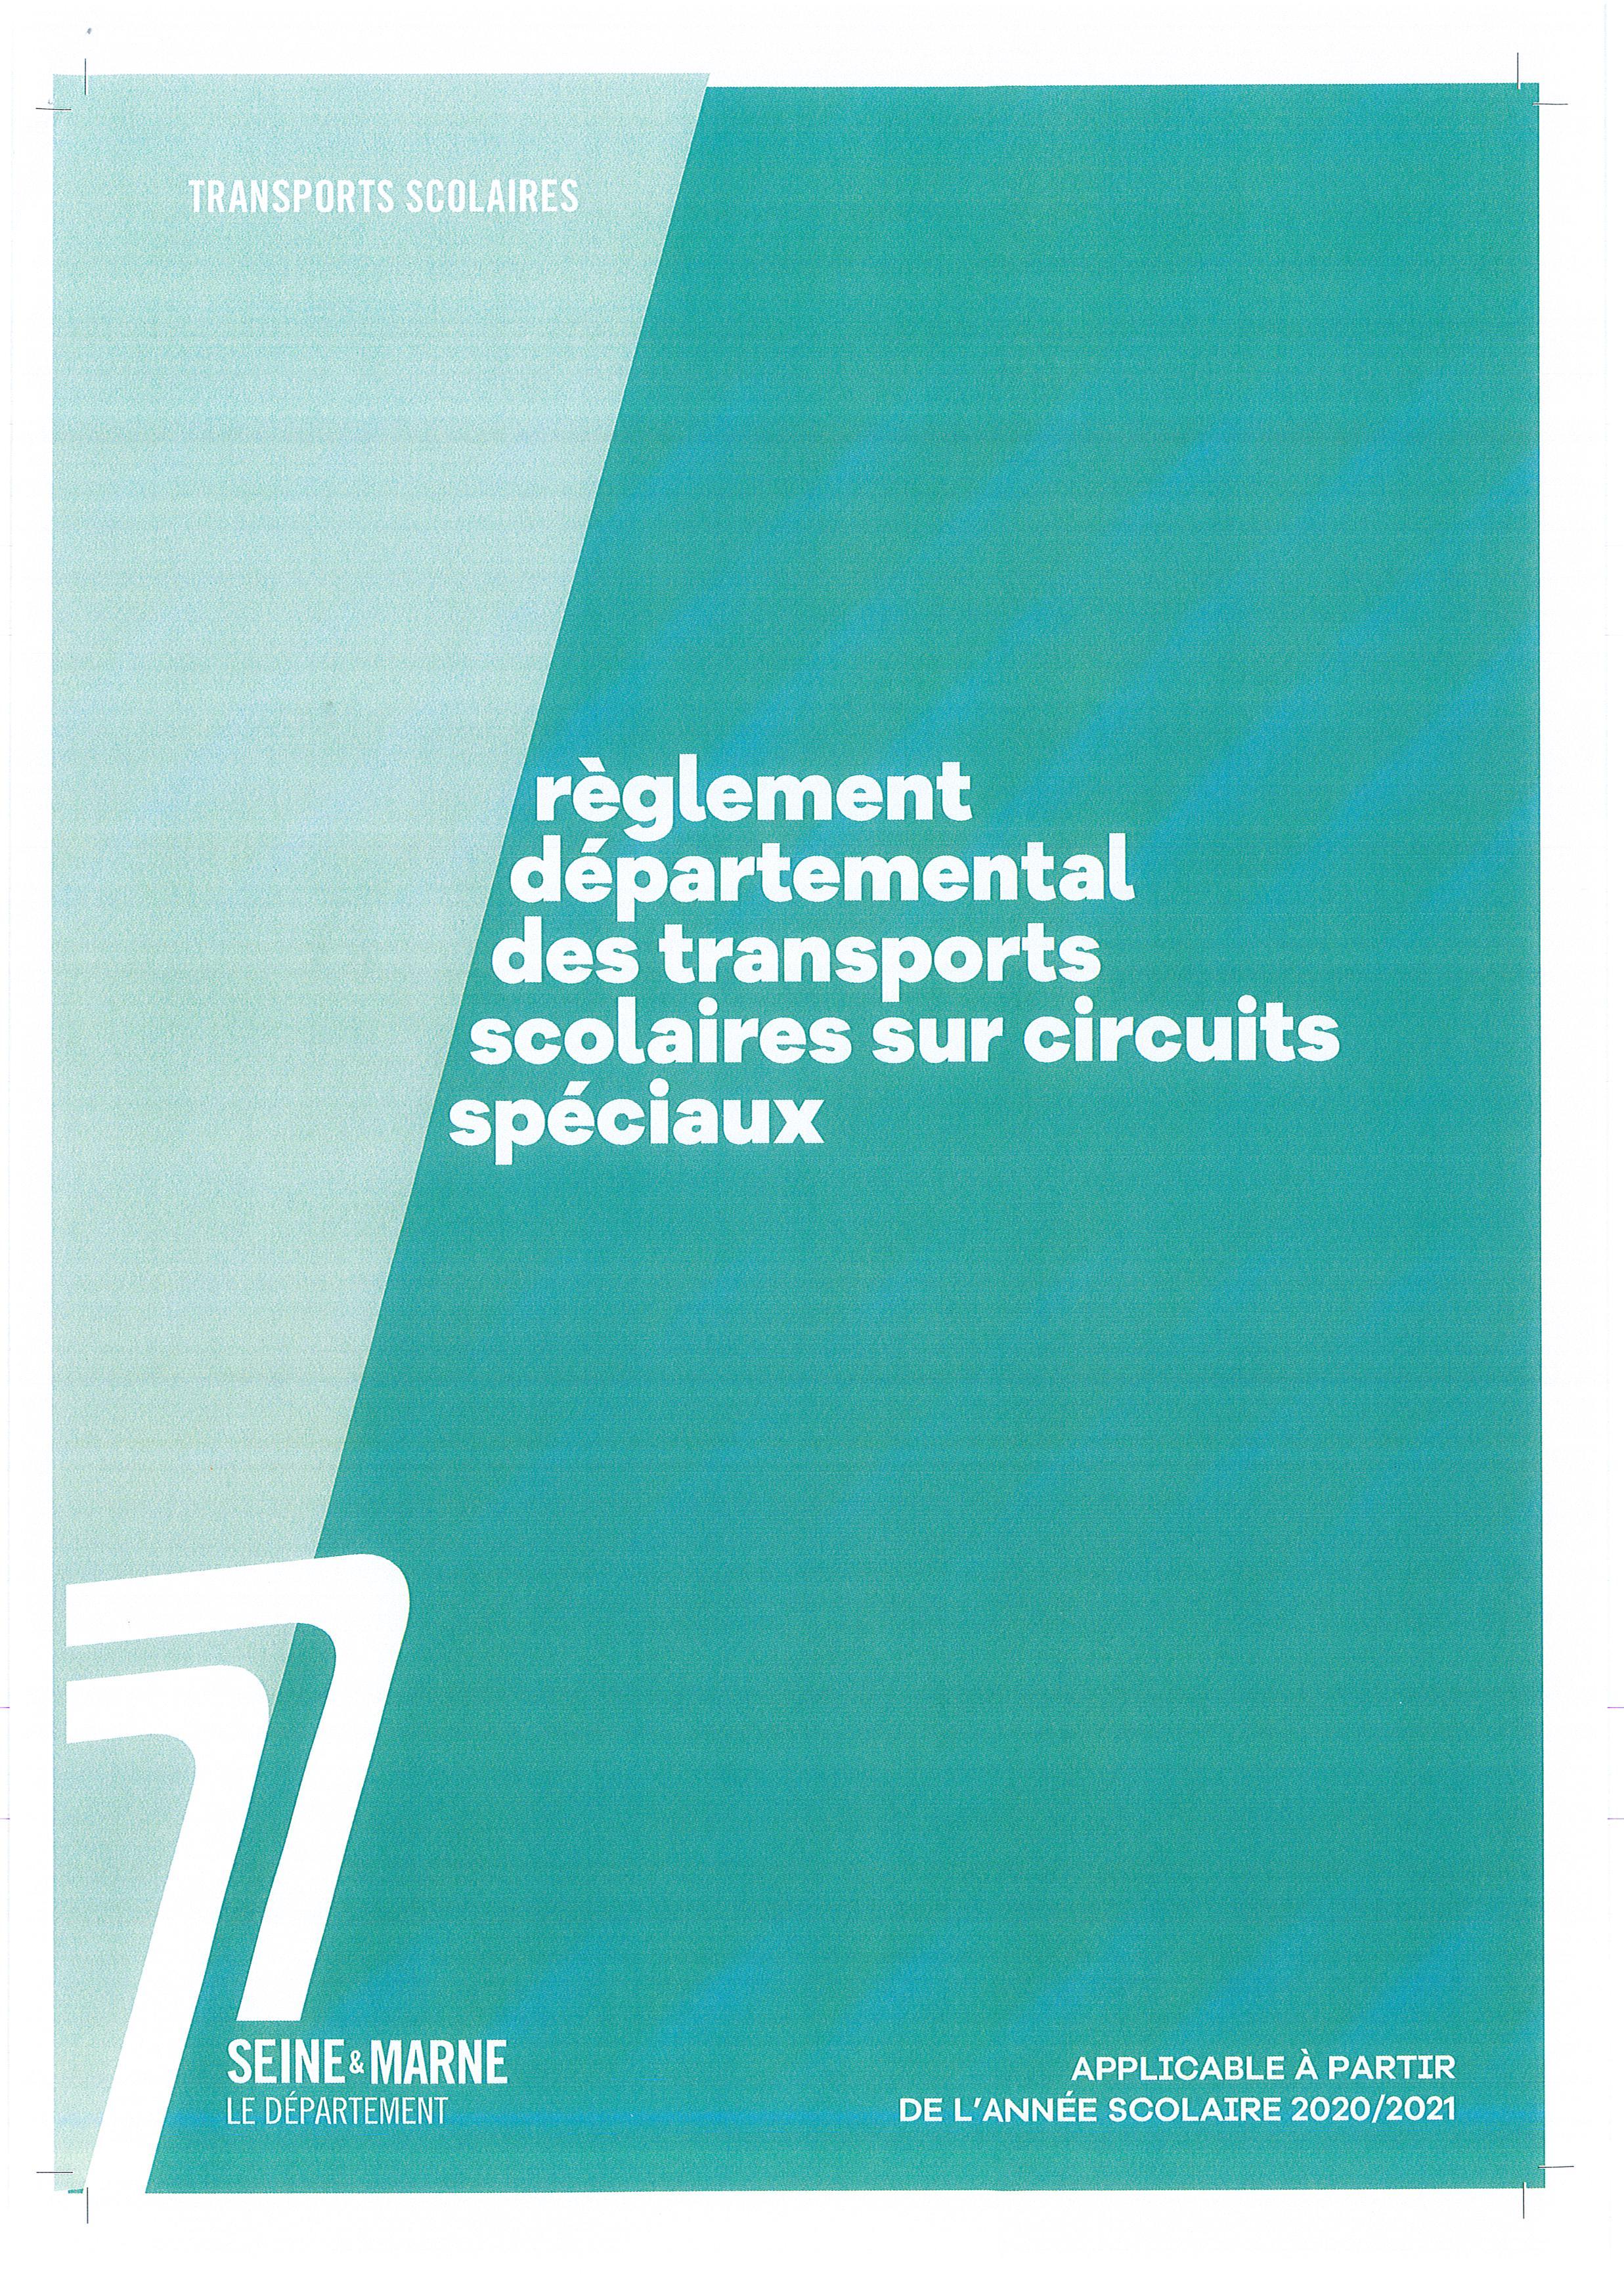 Règlement départemental des transports scolaires sur circuits spéciaux.jpg